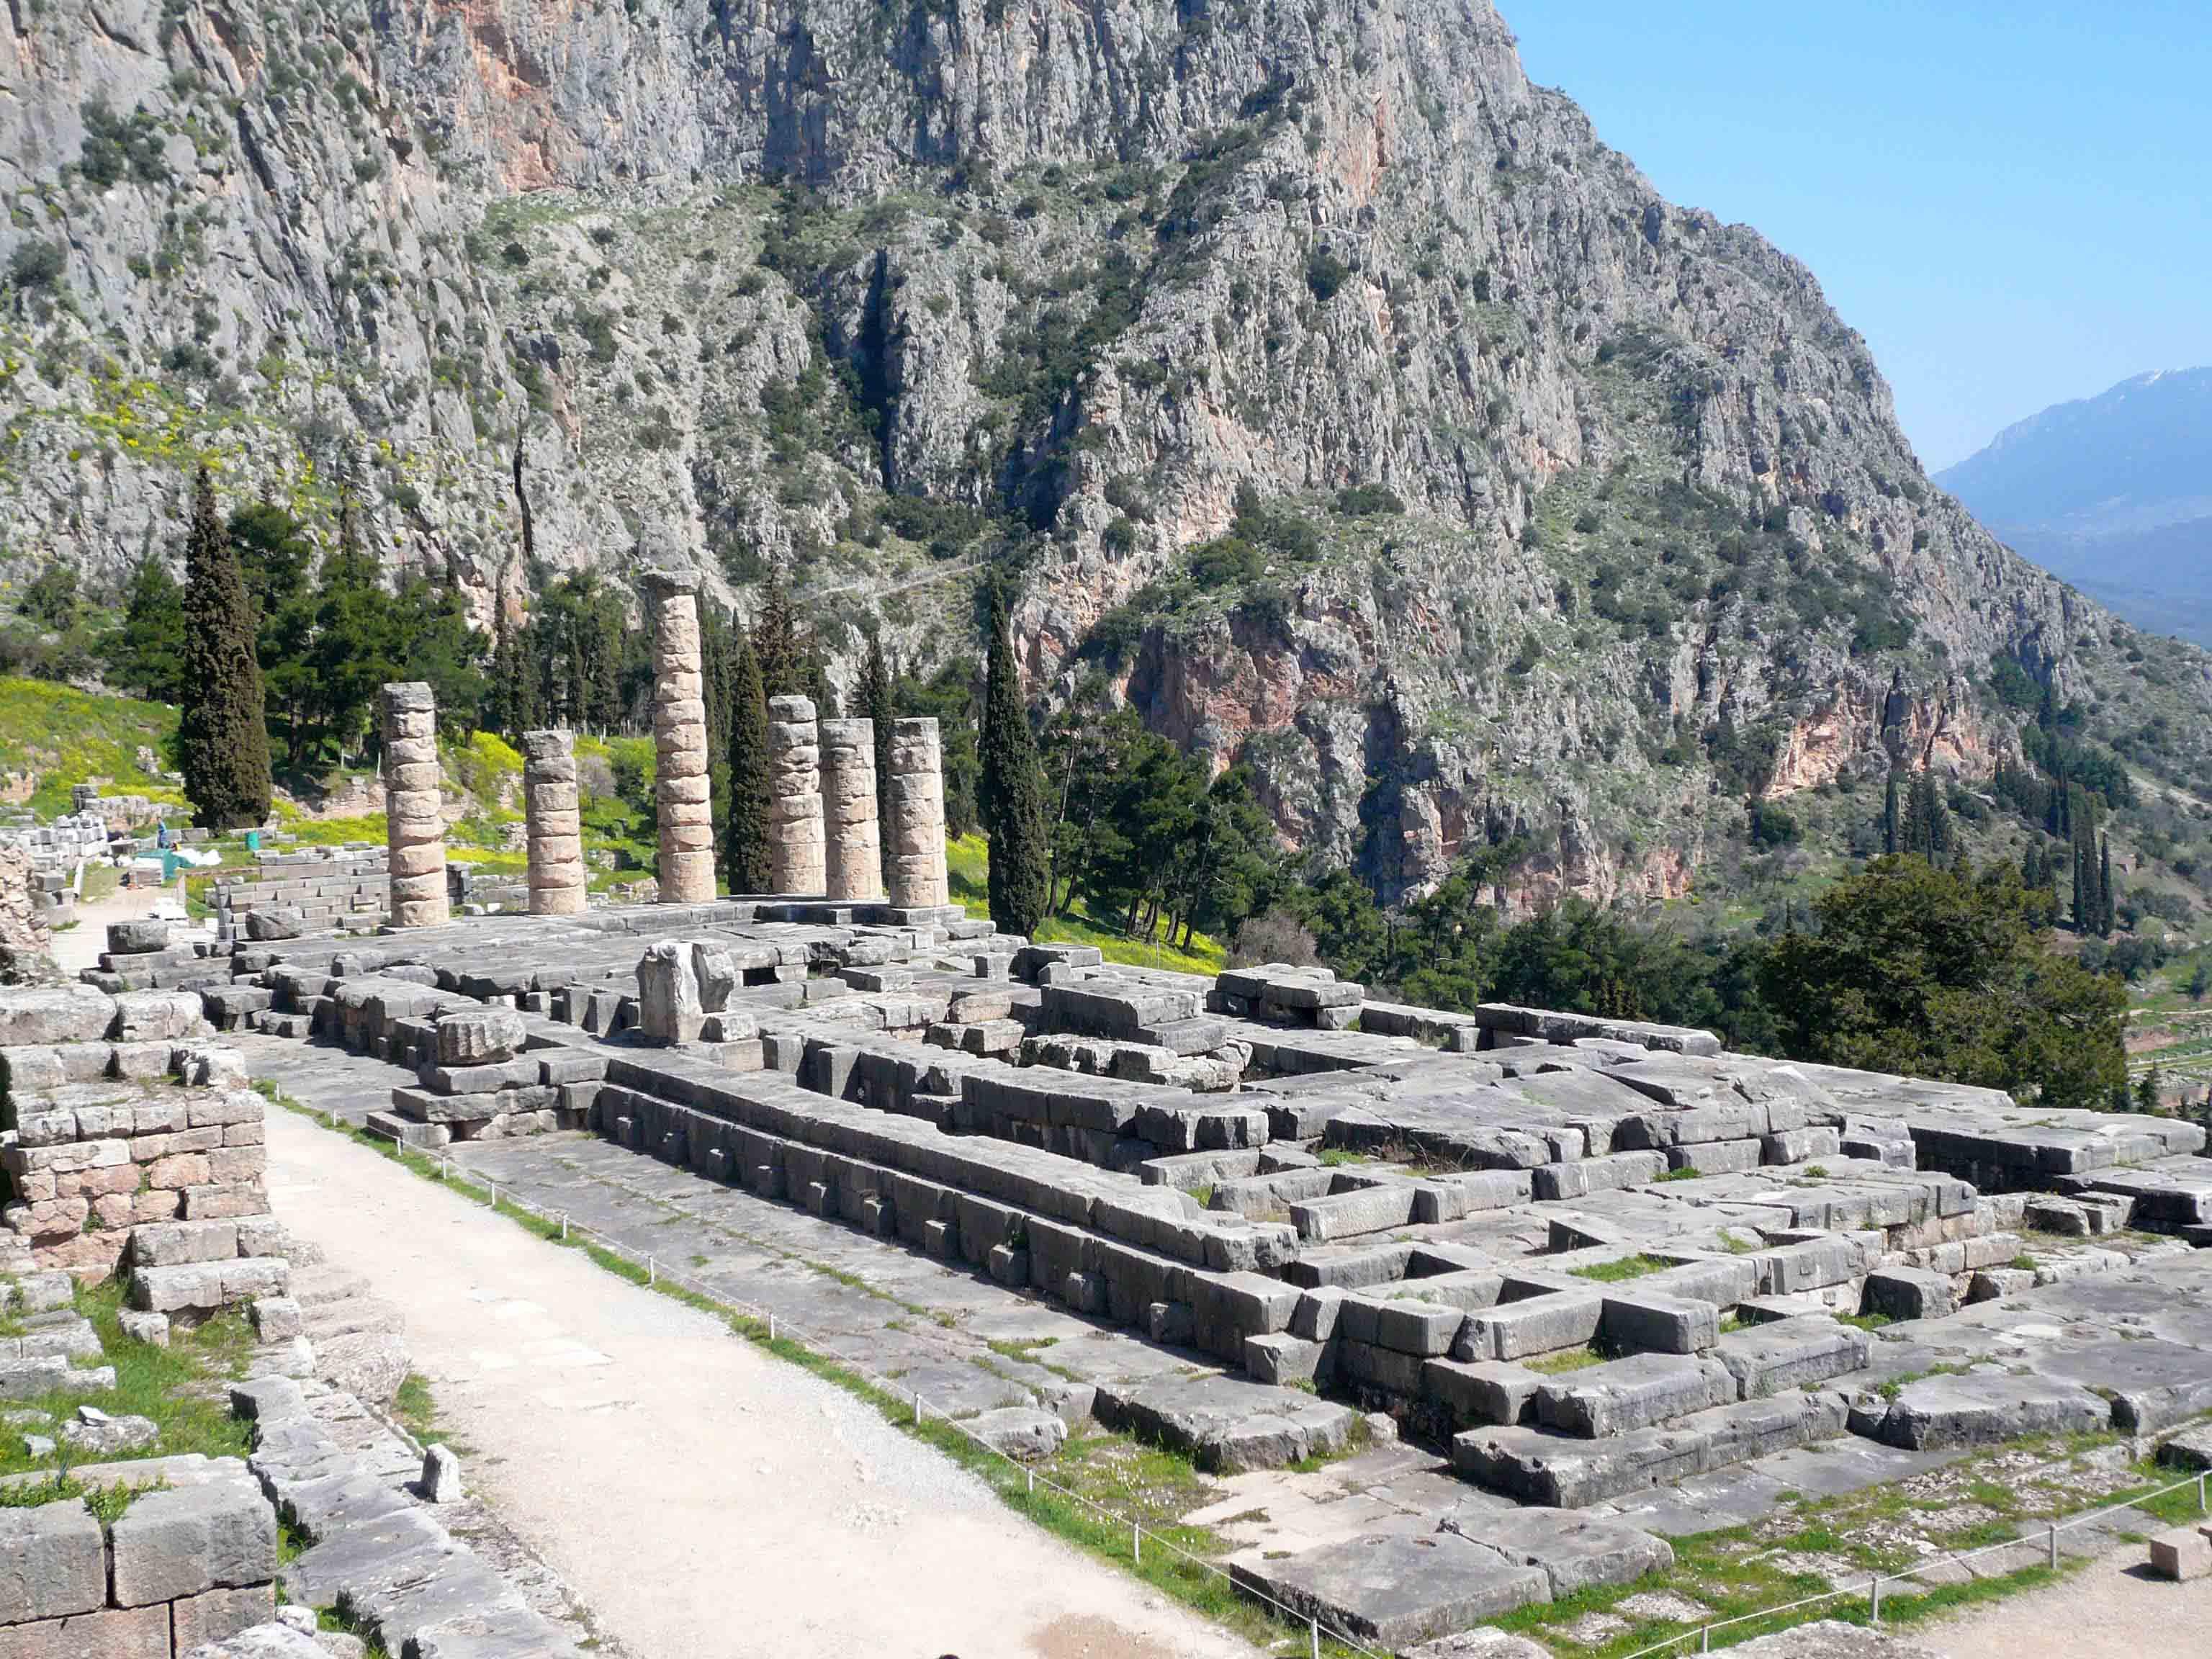 Ο αρχαιολογικός χώρος των Δελφών